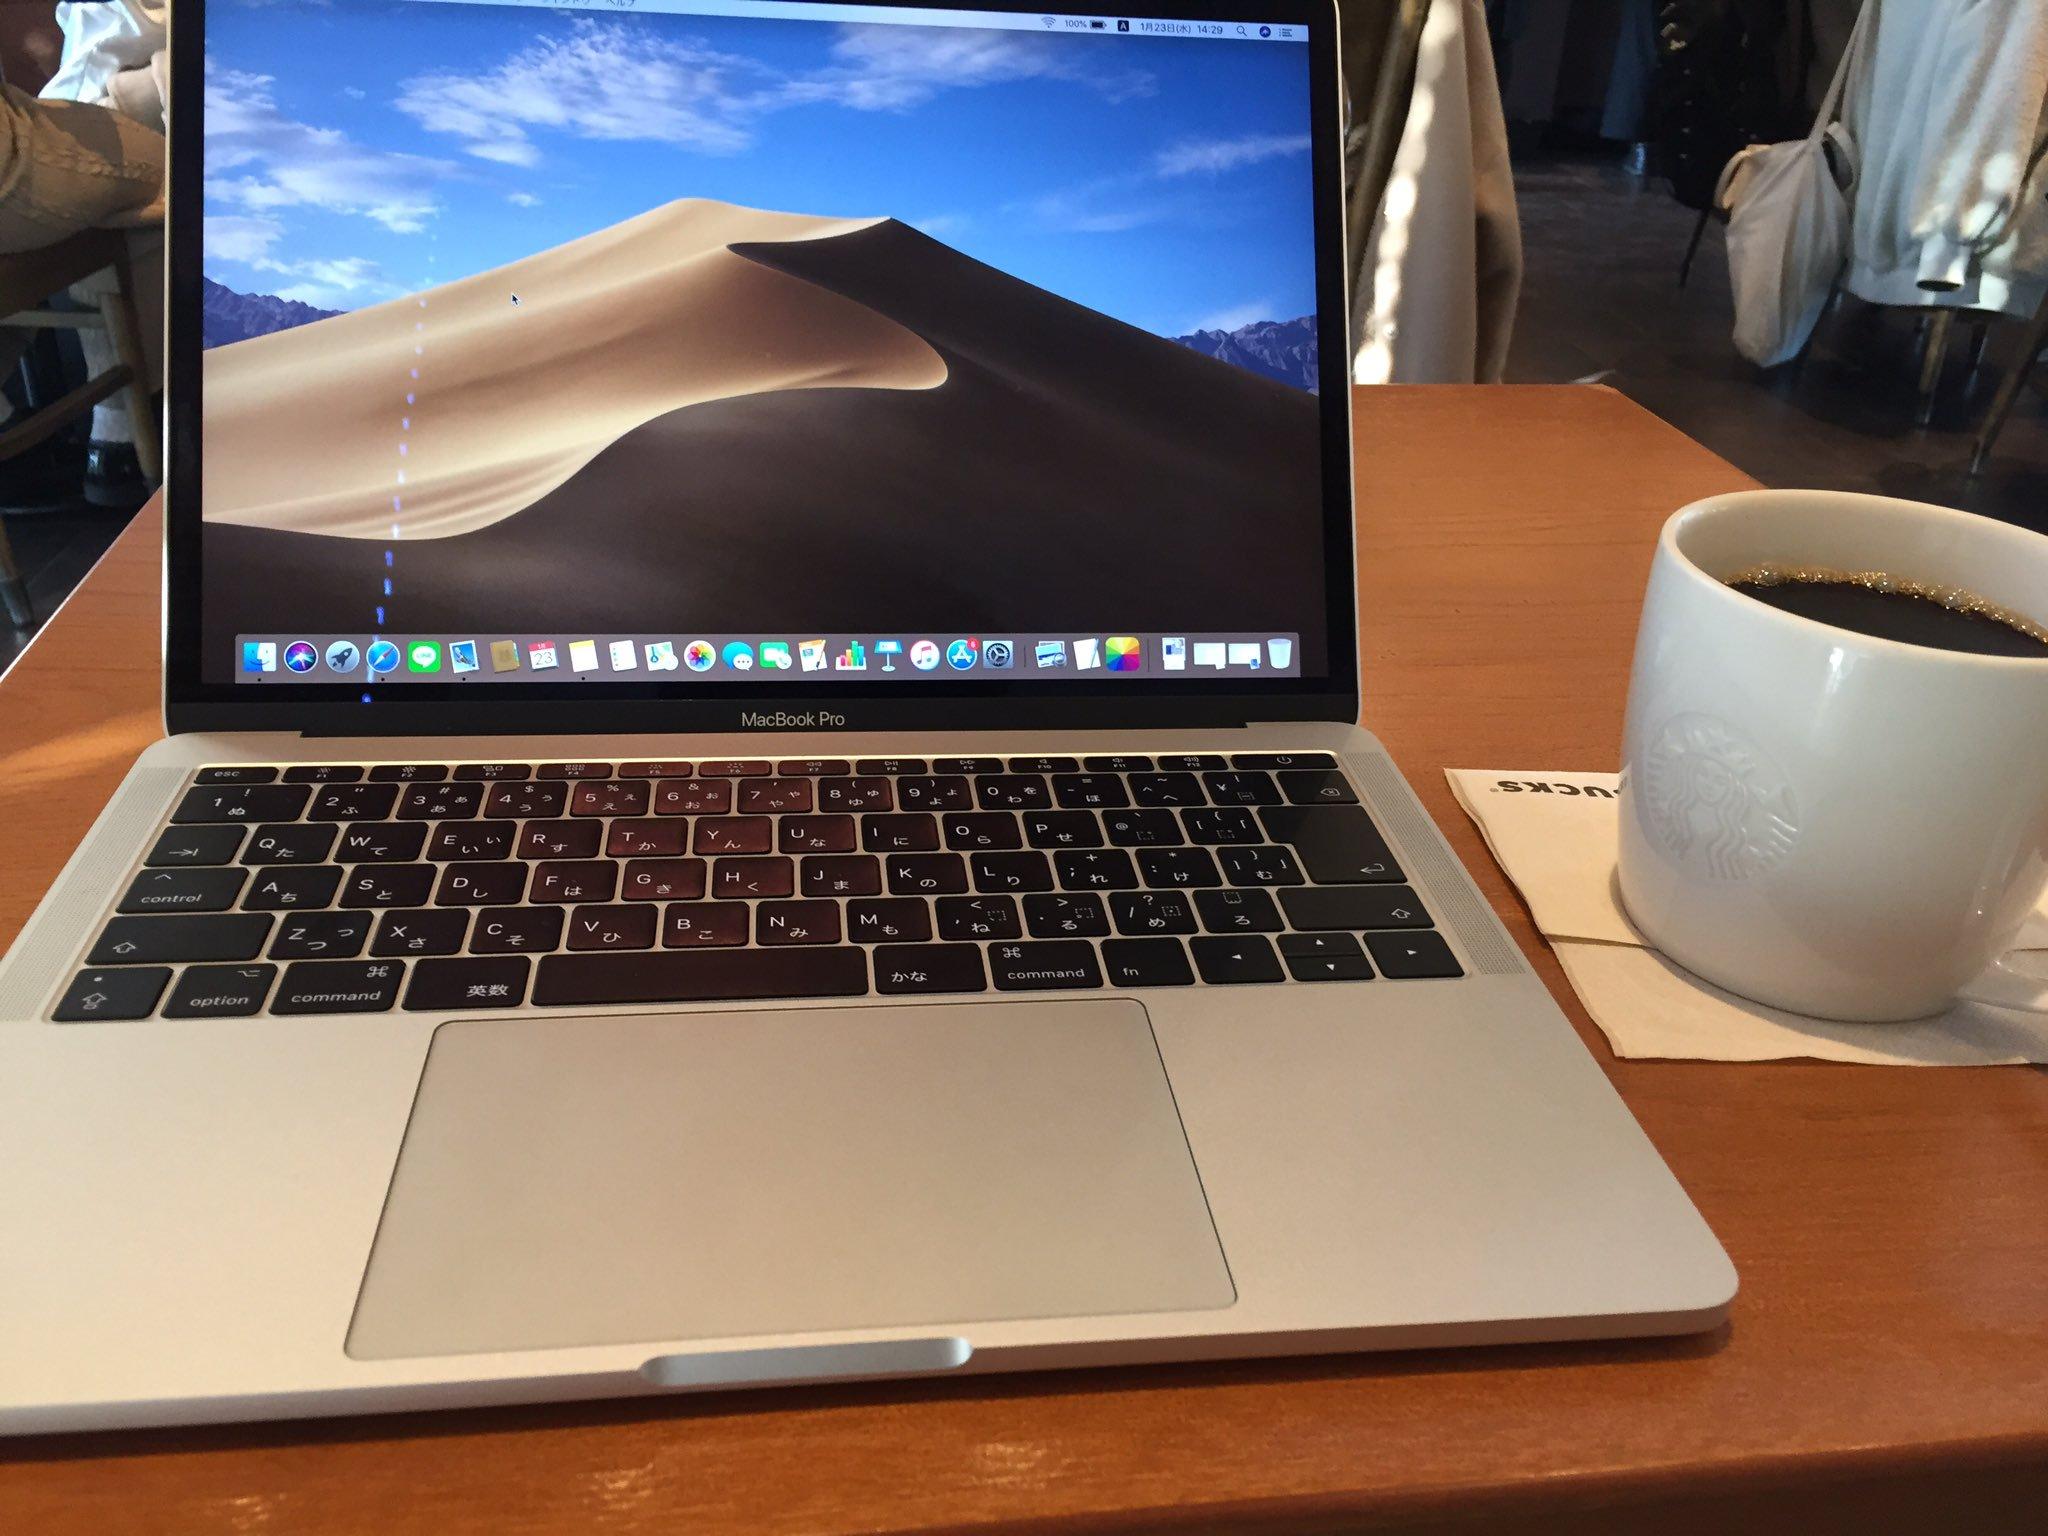 なぜMacBookを使うのに、スタバ以外の場所ではダメなのか